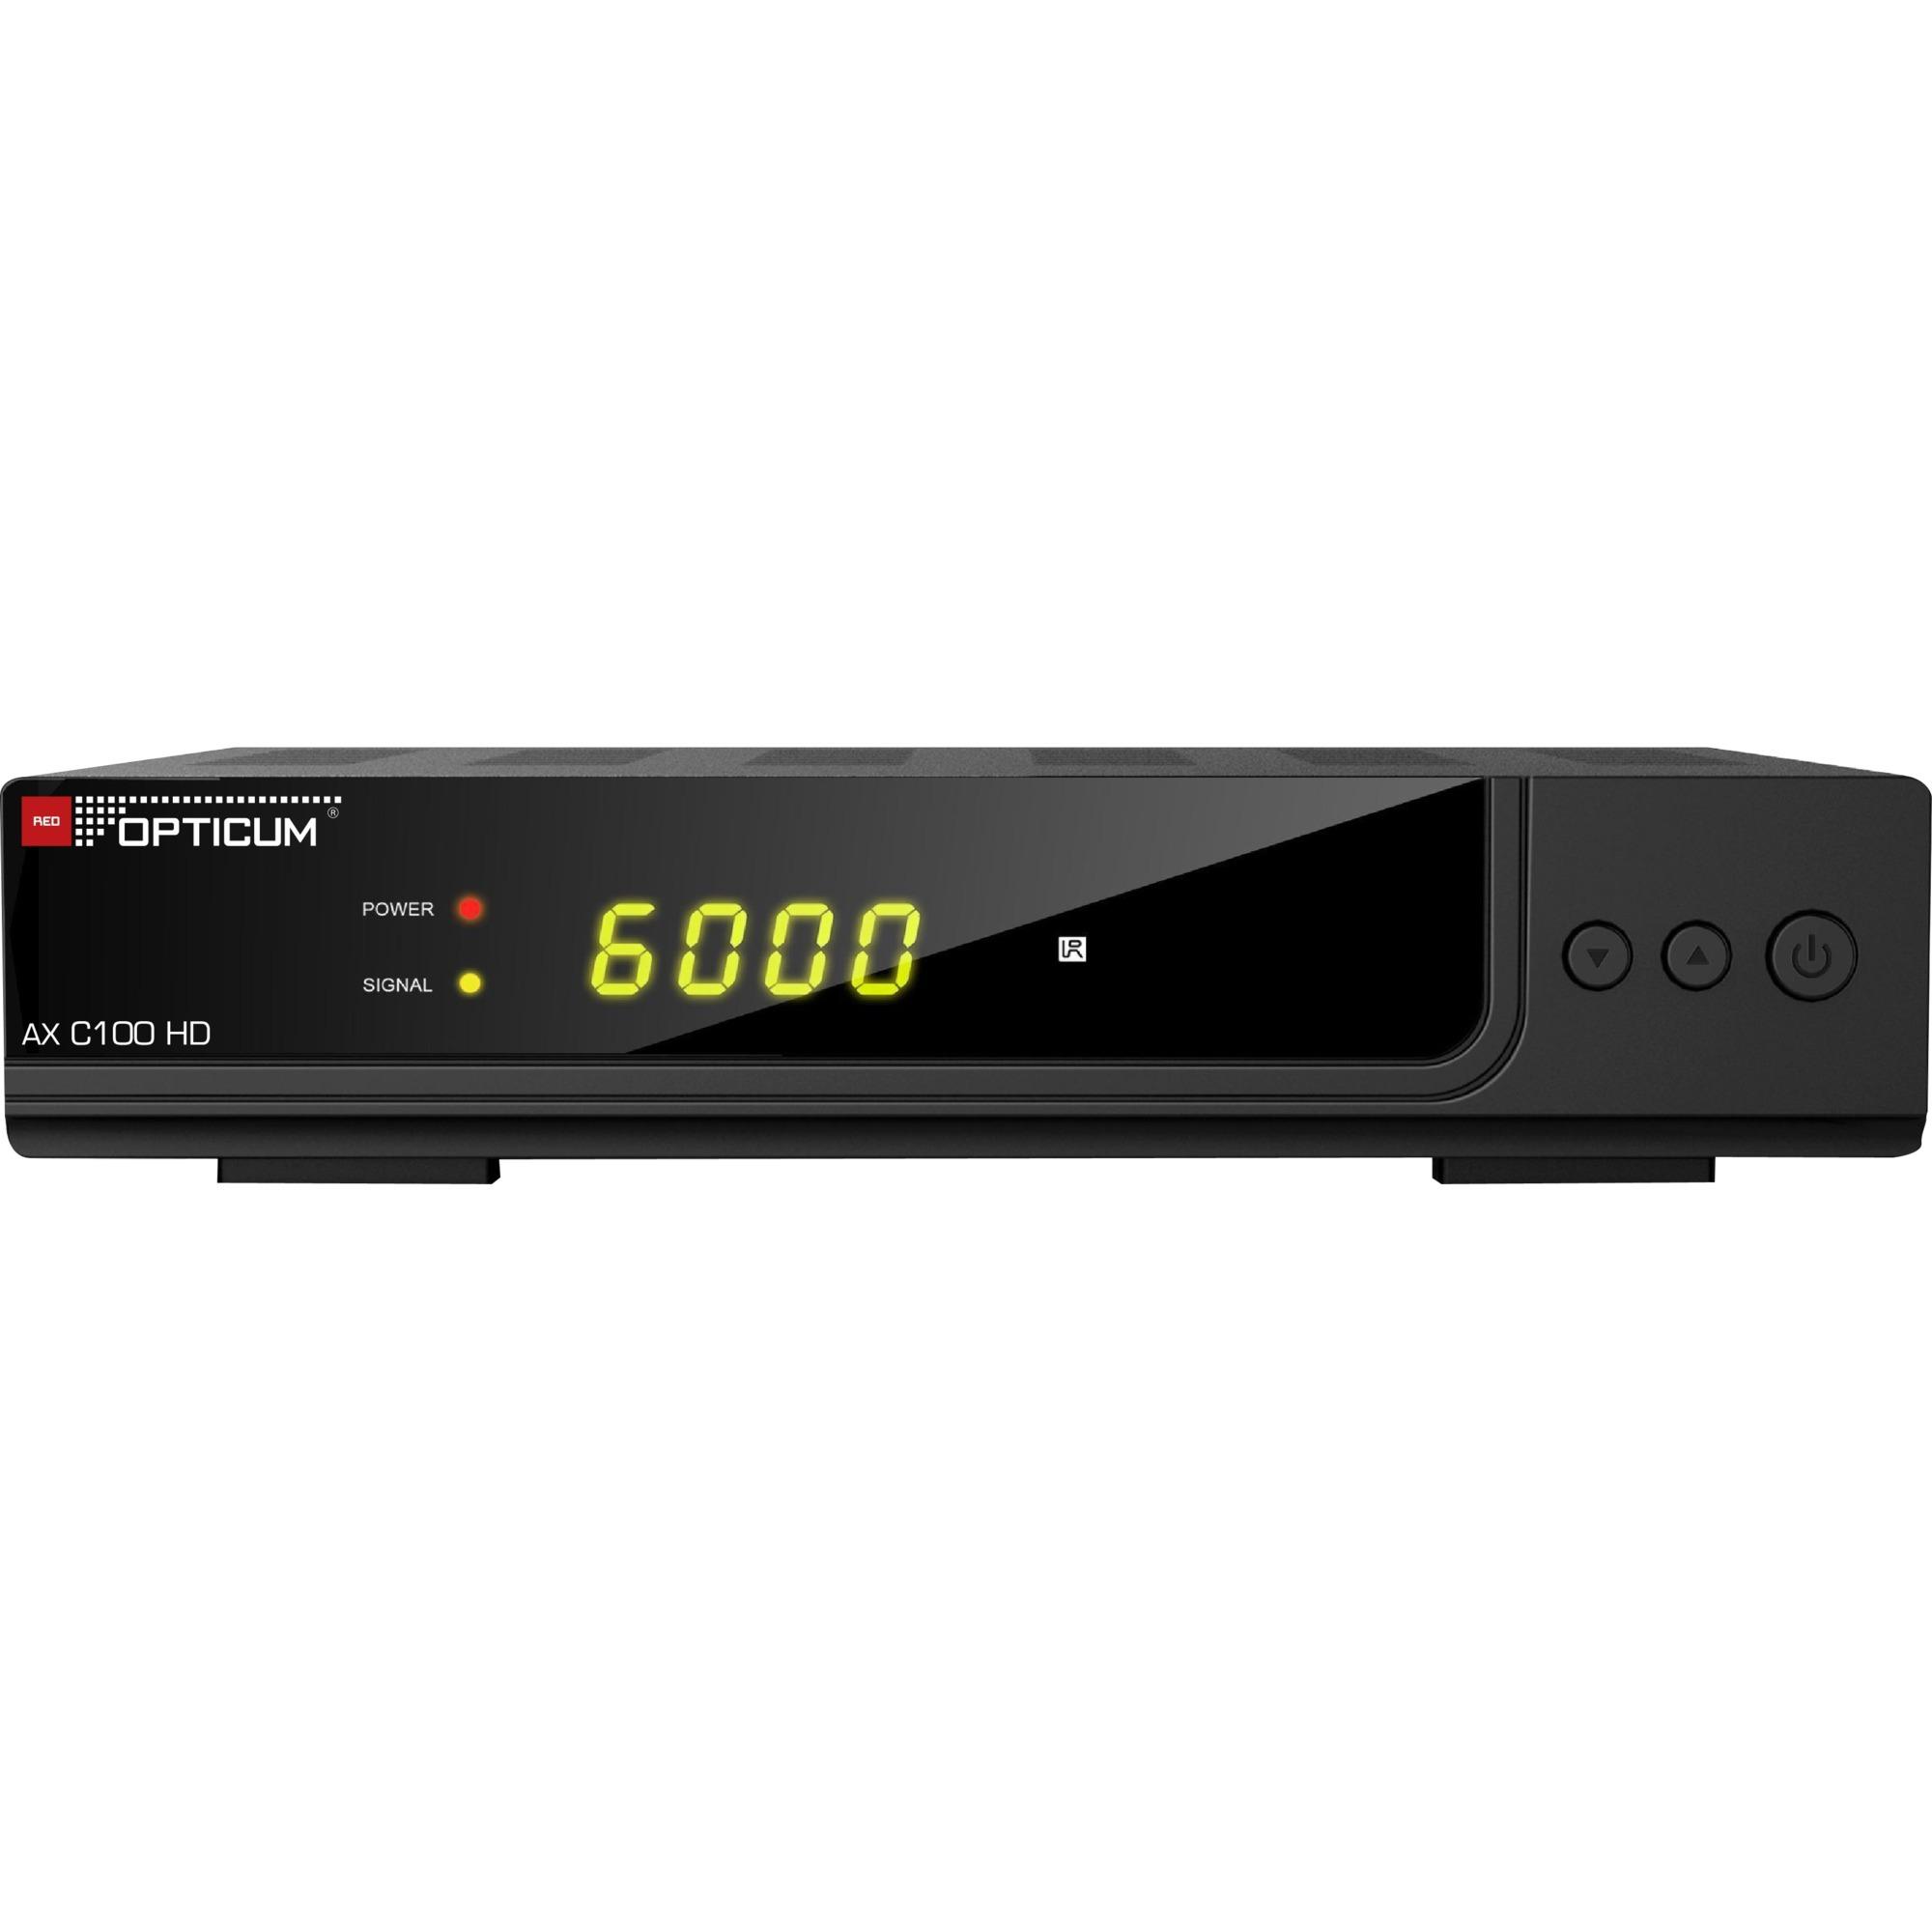 AX C100 HD Cable Full HD Noir TV set-top boxe, Récepteur câble